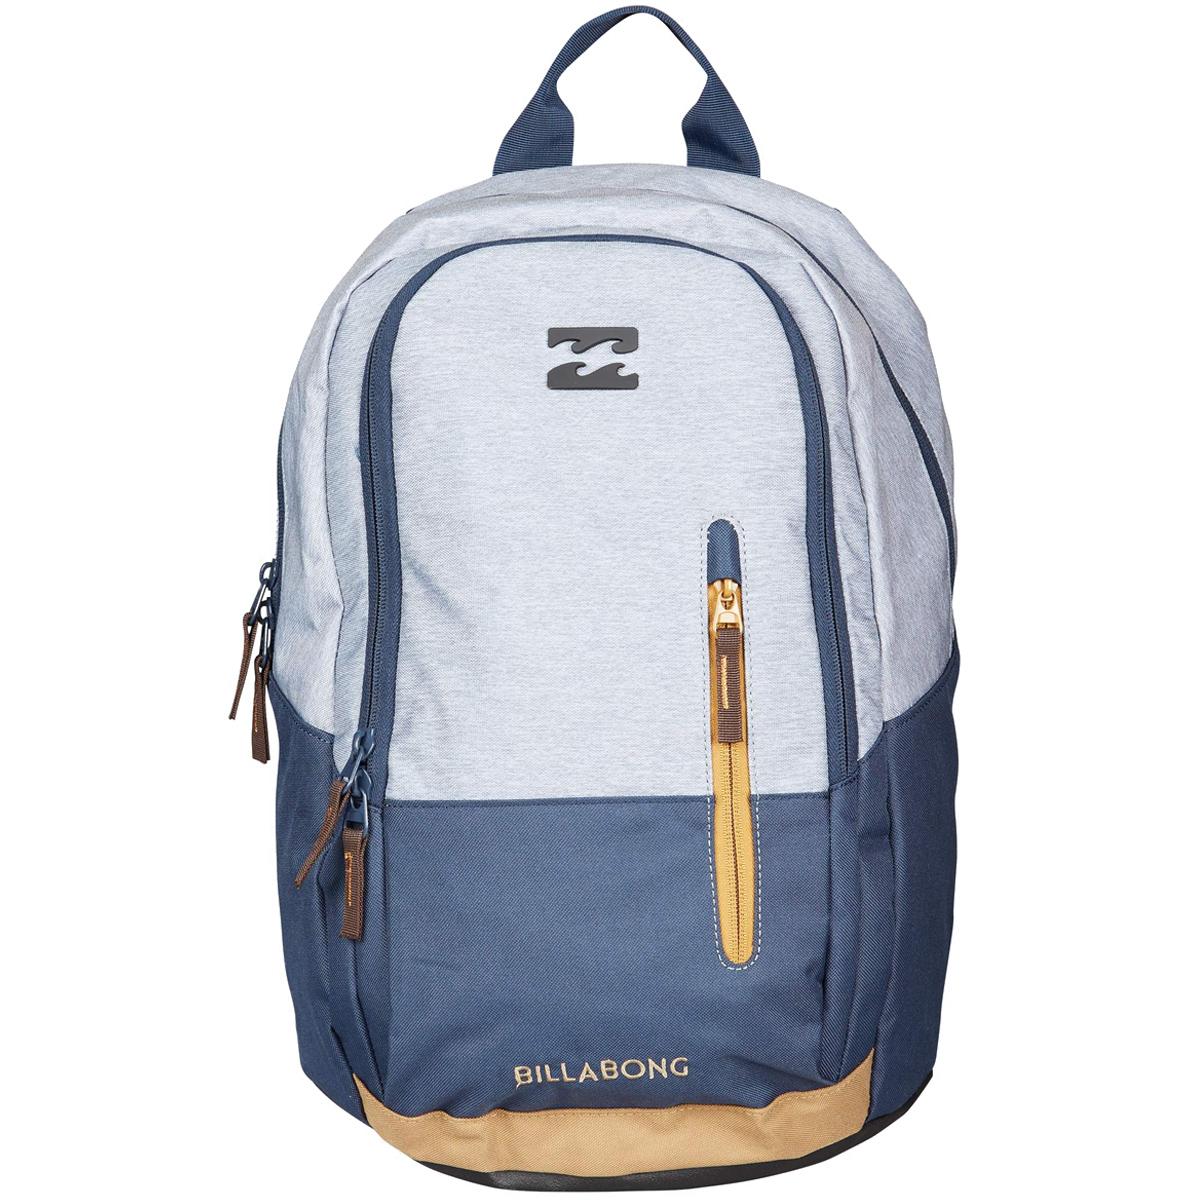 Рюкзак городской Billabong Shadow pack, цвет: серый, синий. 36078693686083607869368608Стильный и удобный рюкзак, компактный и достаточно вместительный. Отделение под ноутбук…